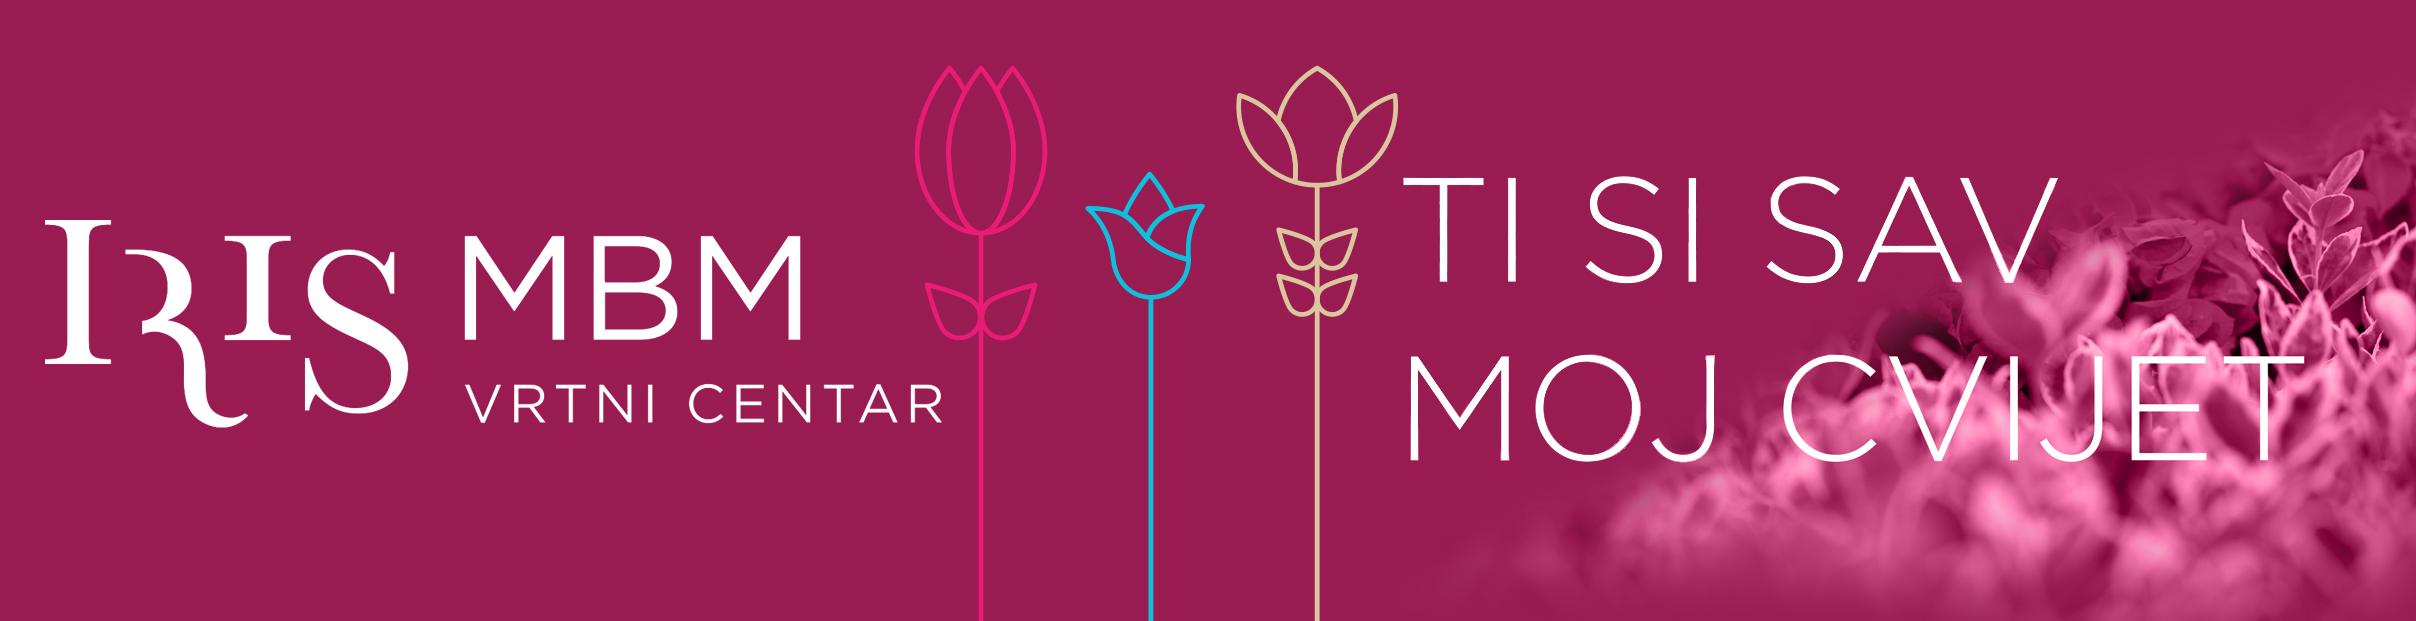 iris mbm vrtni centar